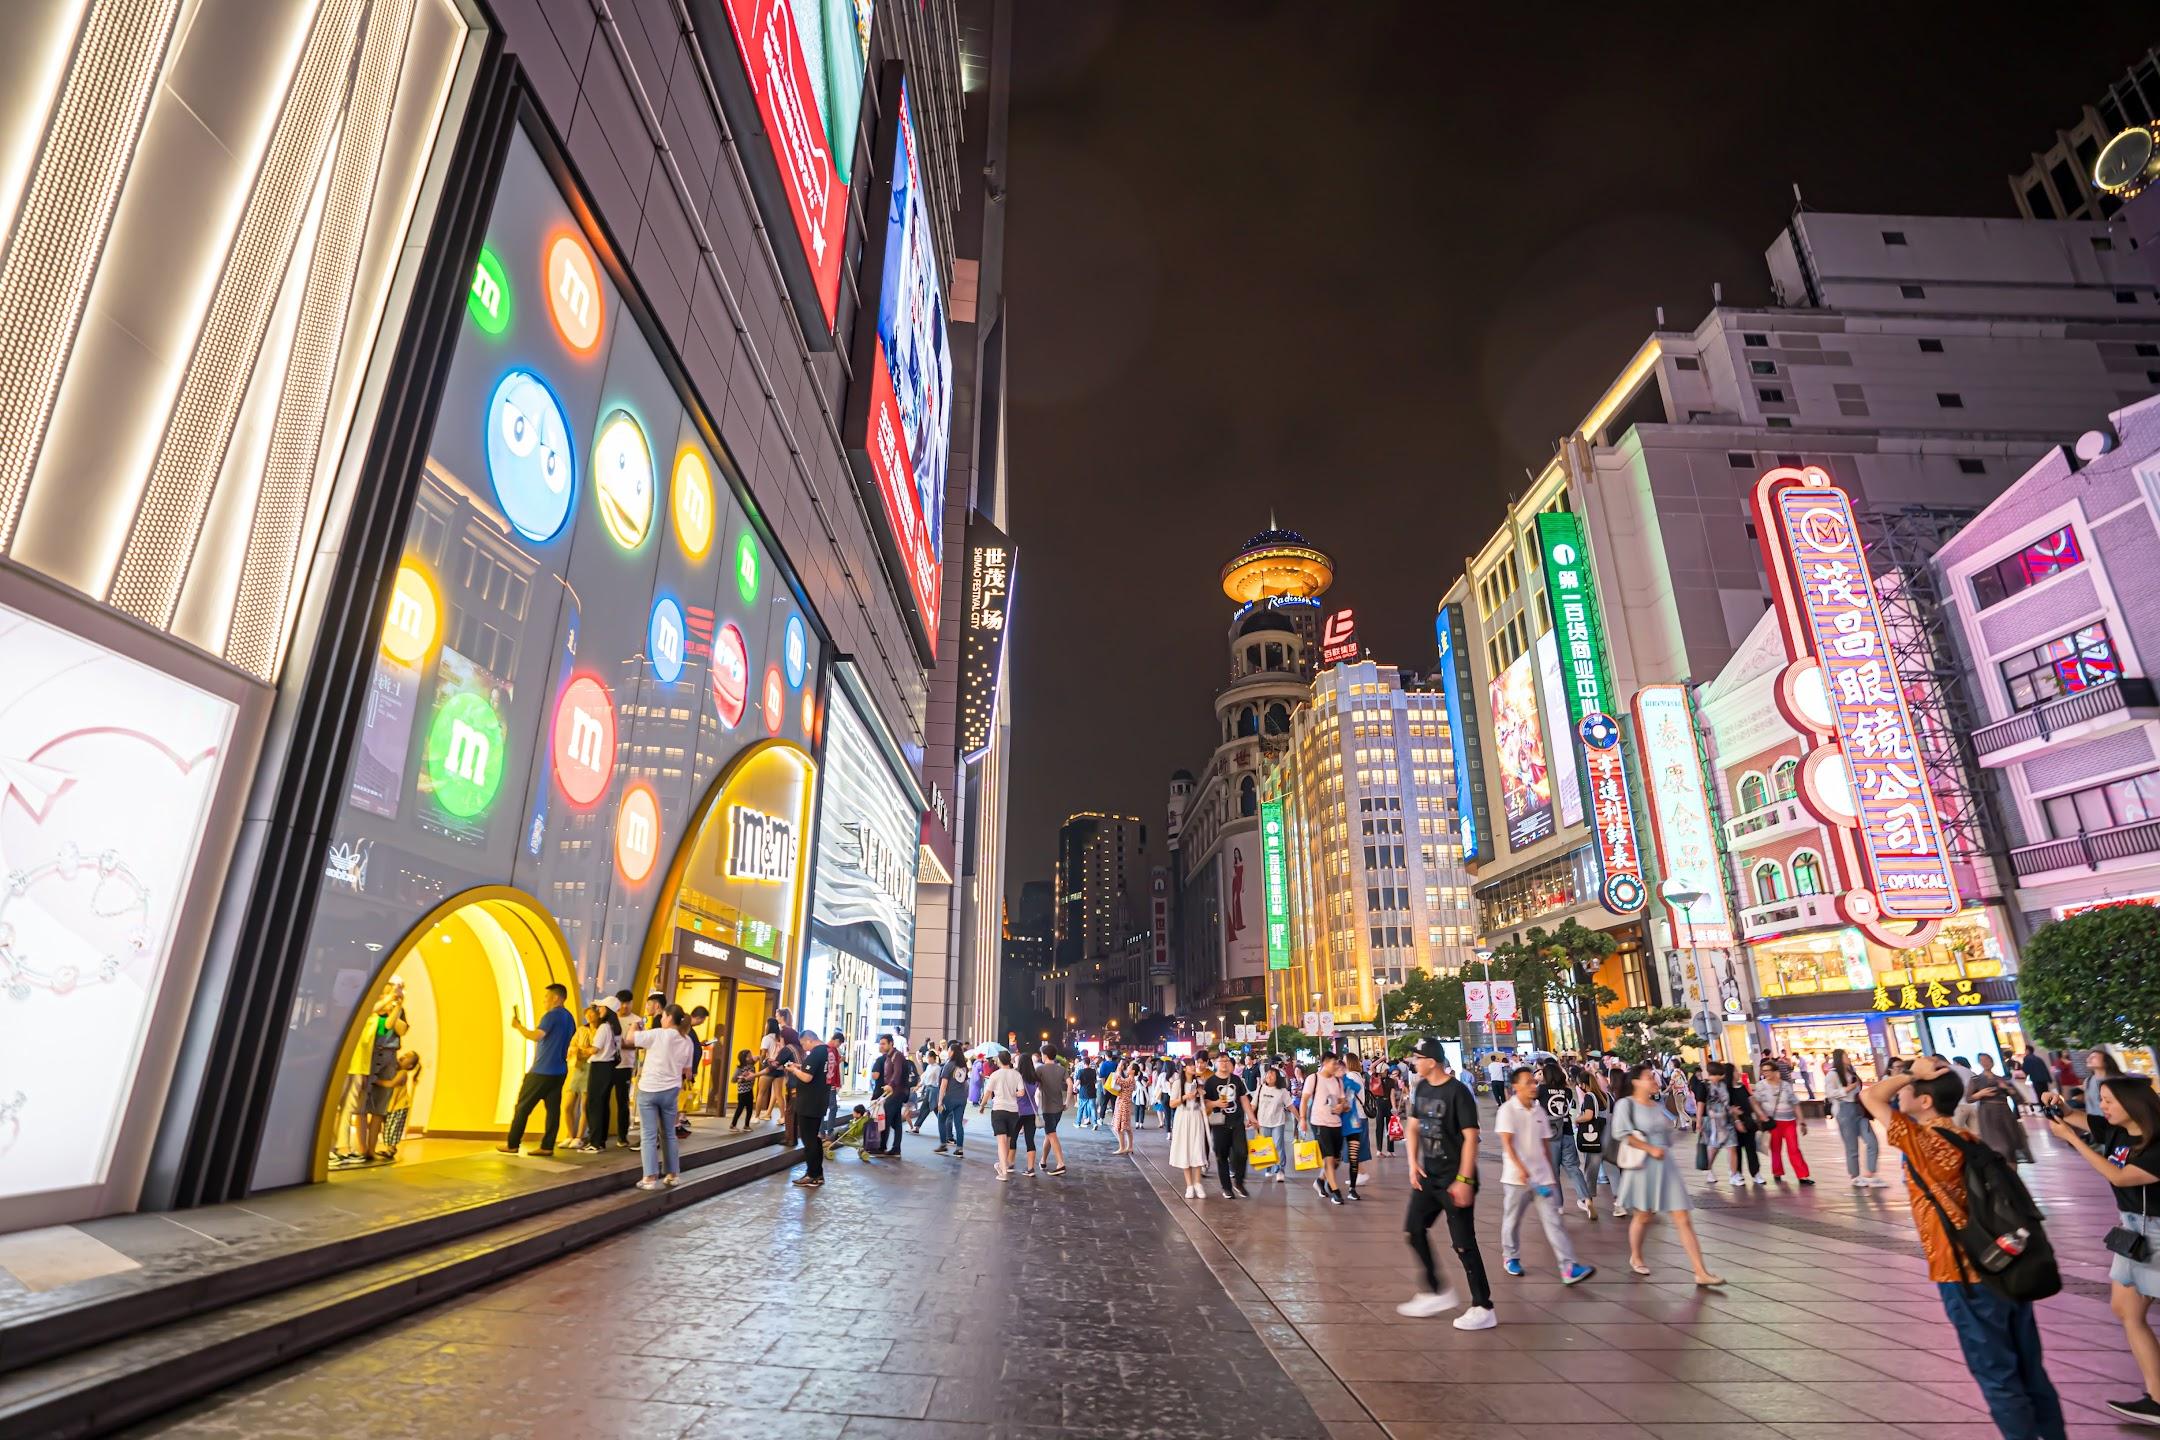 上海 南京東路 夜3